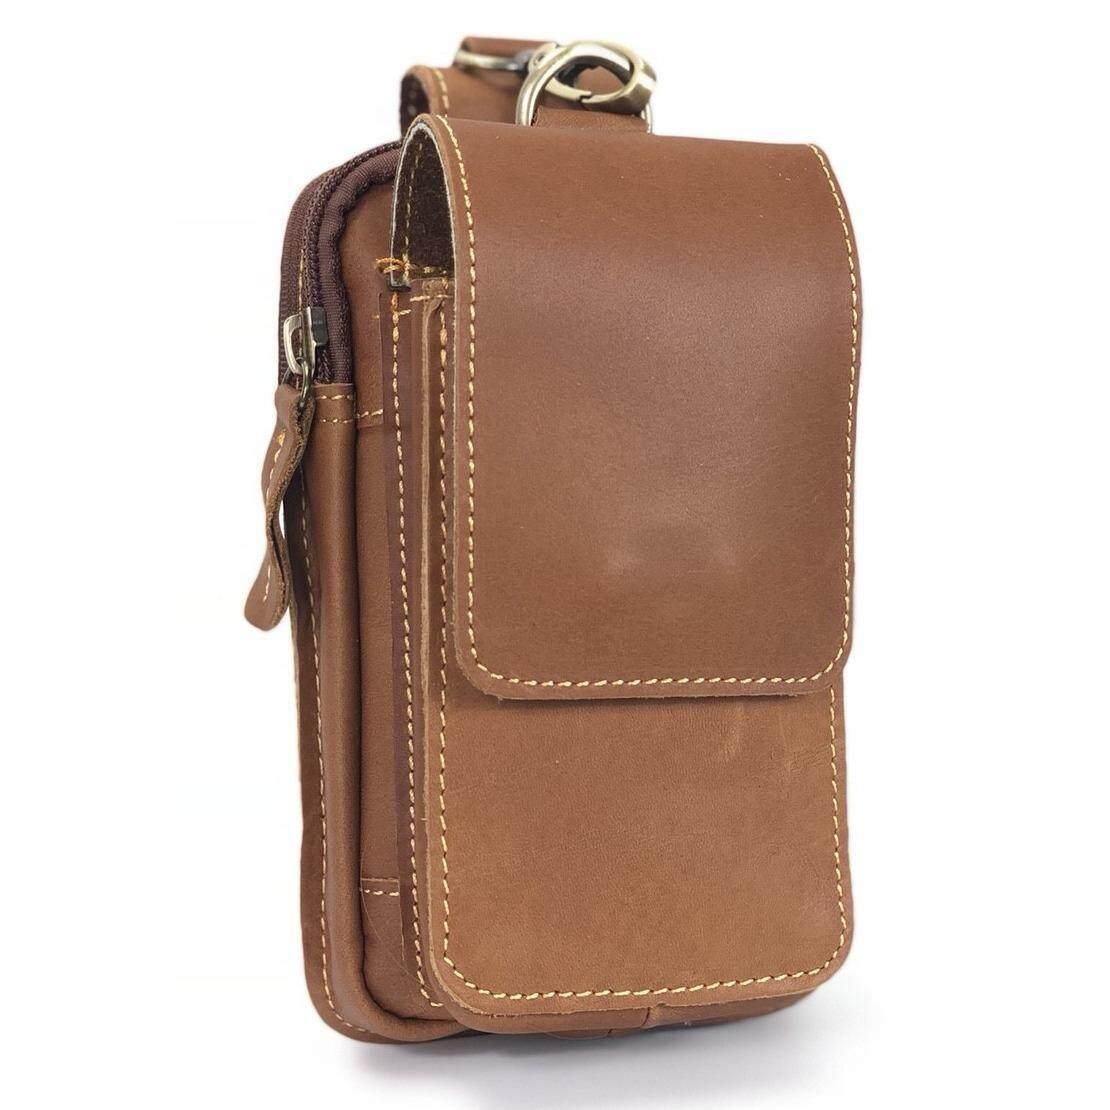 ขาย Chinatown Leatherกระเป๋าหนังแท้ร้อยเข็มขัดใส่มือถือตะขอบนIphone6 7พลัส Chinatown Leather